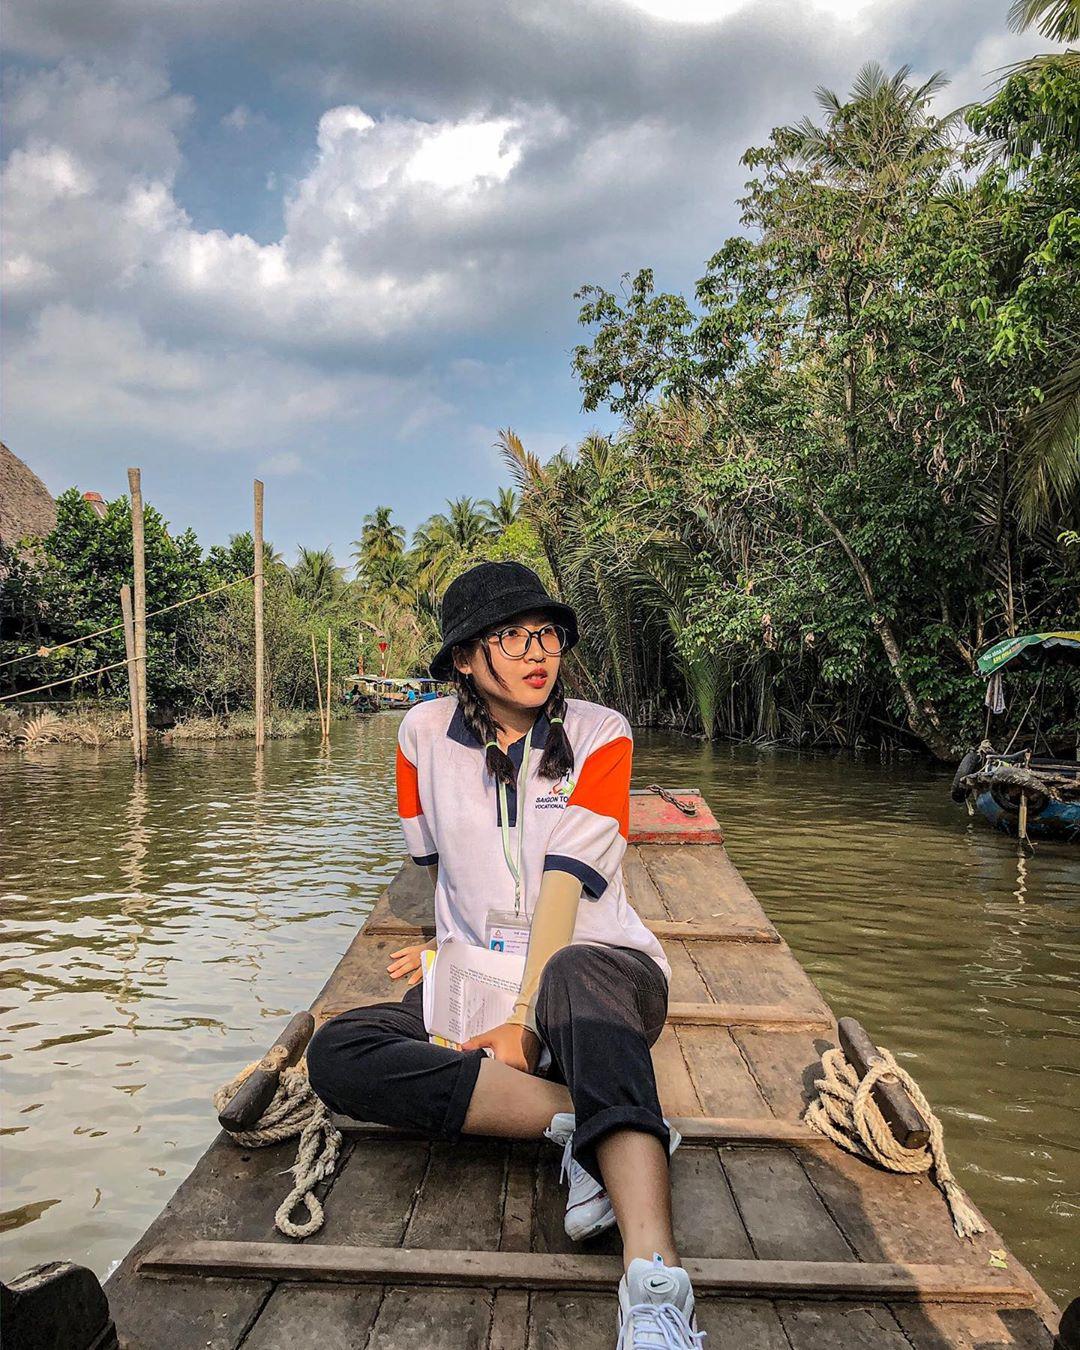 24h khám phá Tour Tiền Giang 1N: Mỹ Tho – Du Lịch Sinh Thái Cao Cấp chỉ 783.000 đồng/khách – iVIVU.com